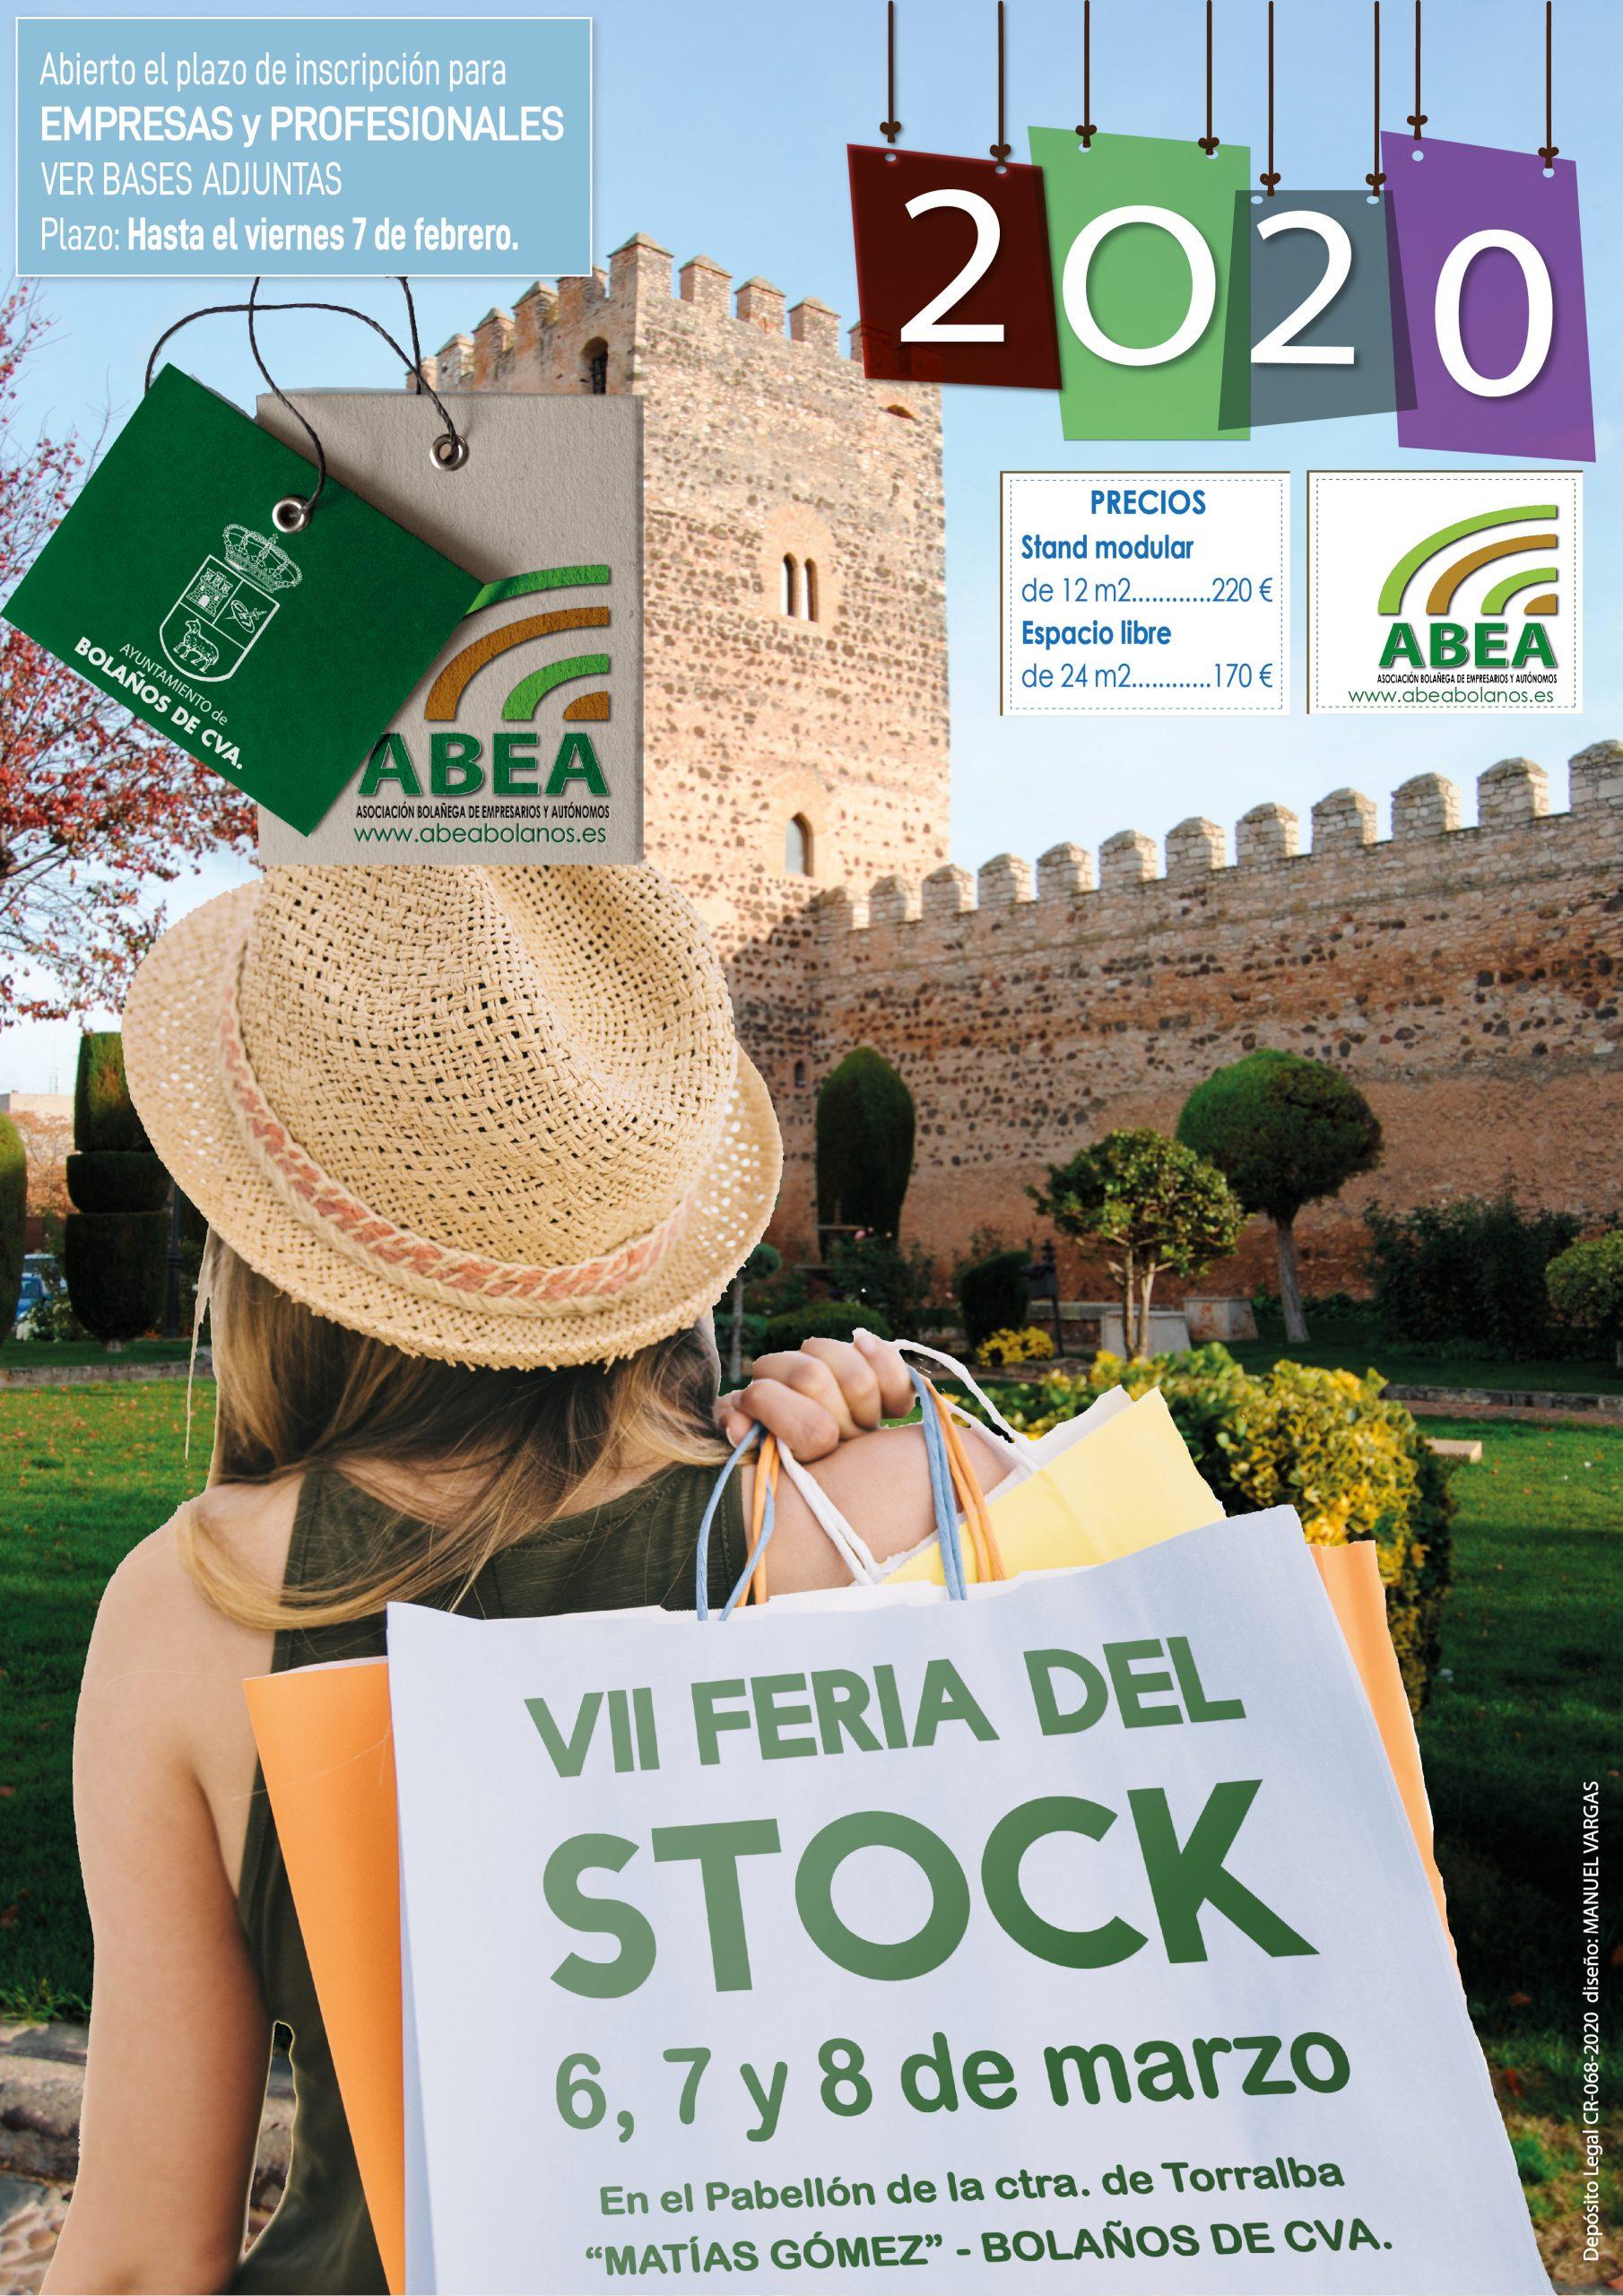 XII FERIA DEL STOCK